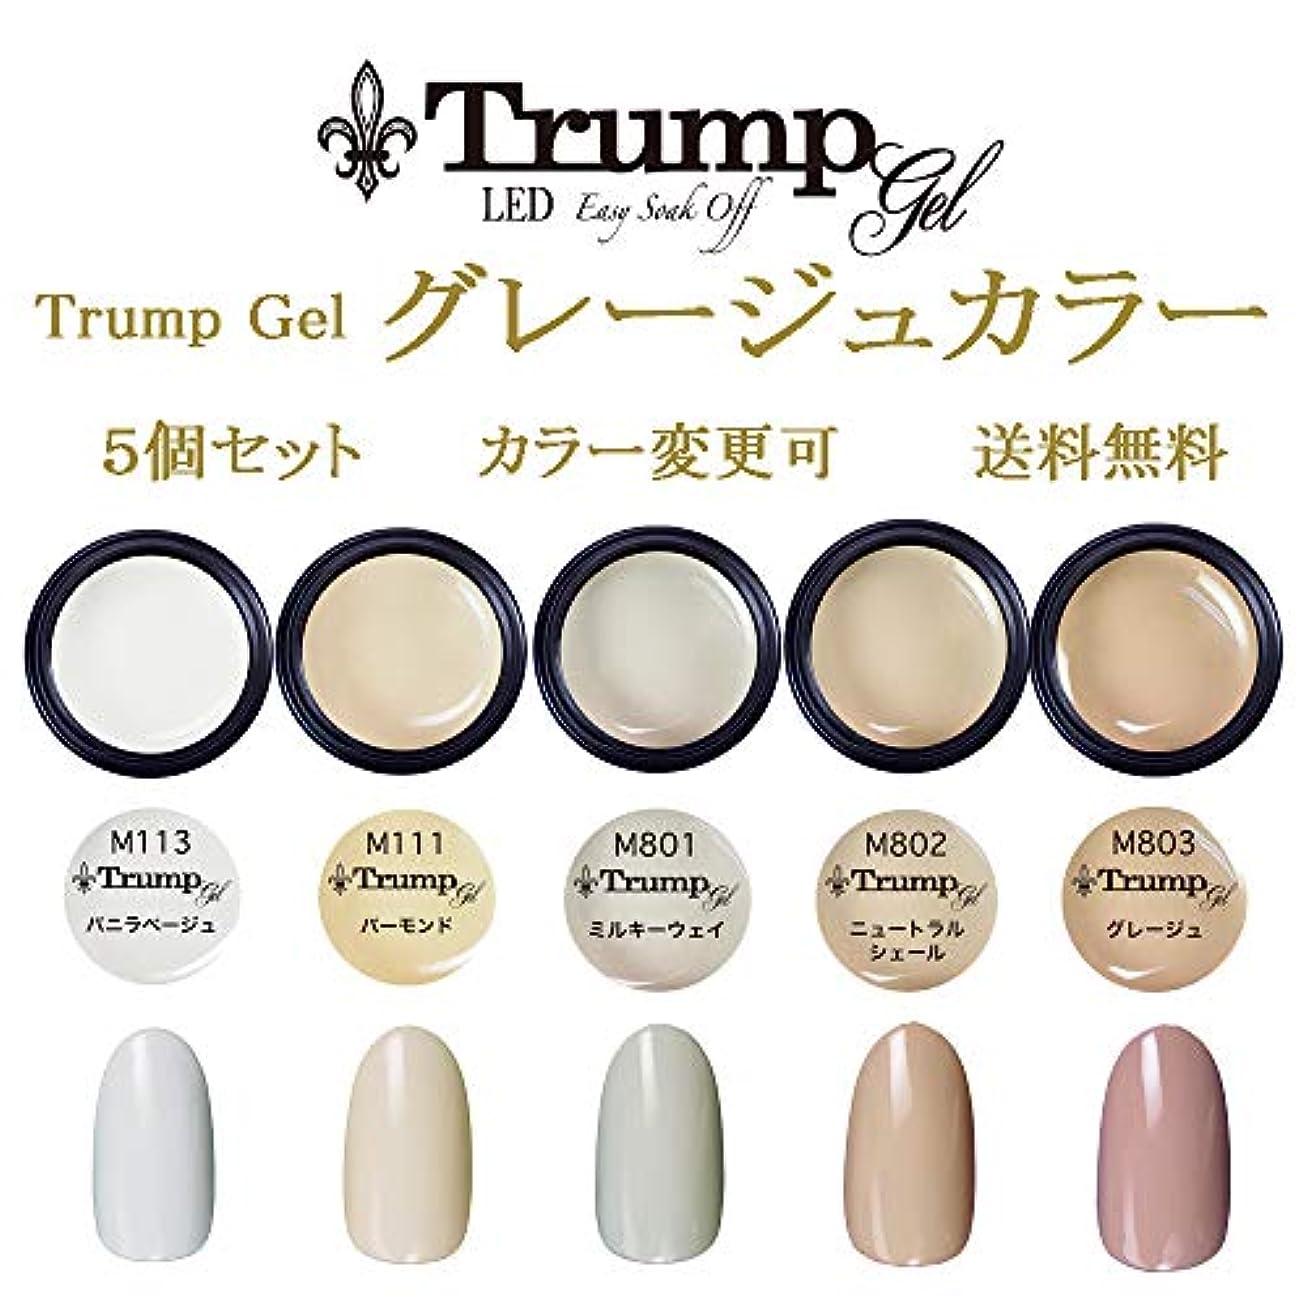 挽くレキシコン誠実さ日本製 Trump gel トランプジェル グレージュカラー 選べる カラージェル 5個セット ホワイト ベージュ ピンク スモーク